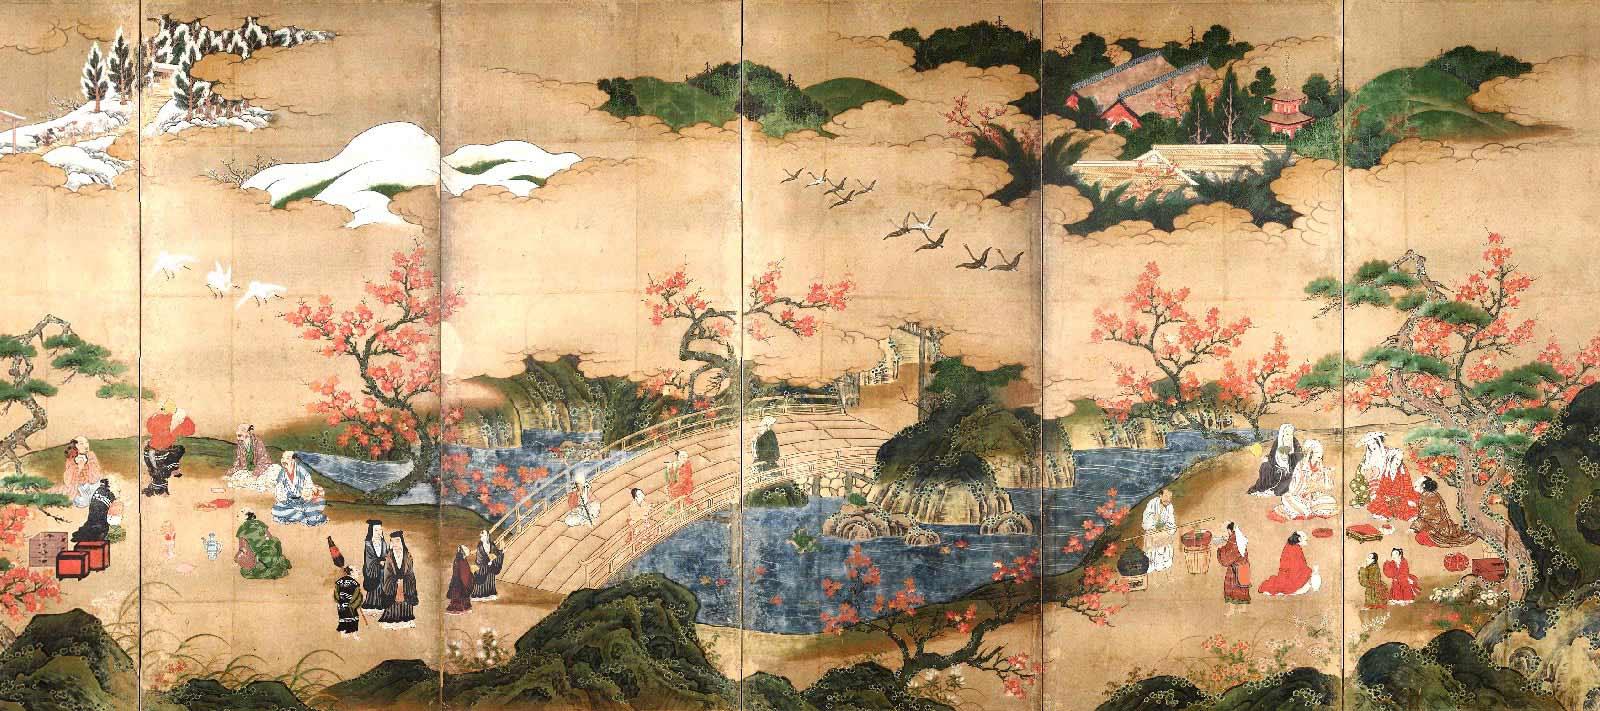 Lo que destaca en el arte oriental